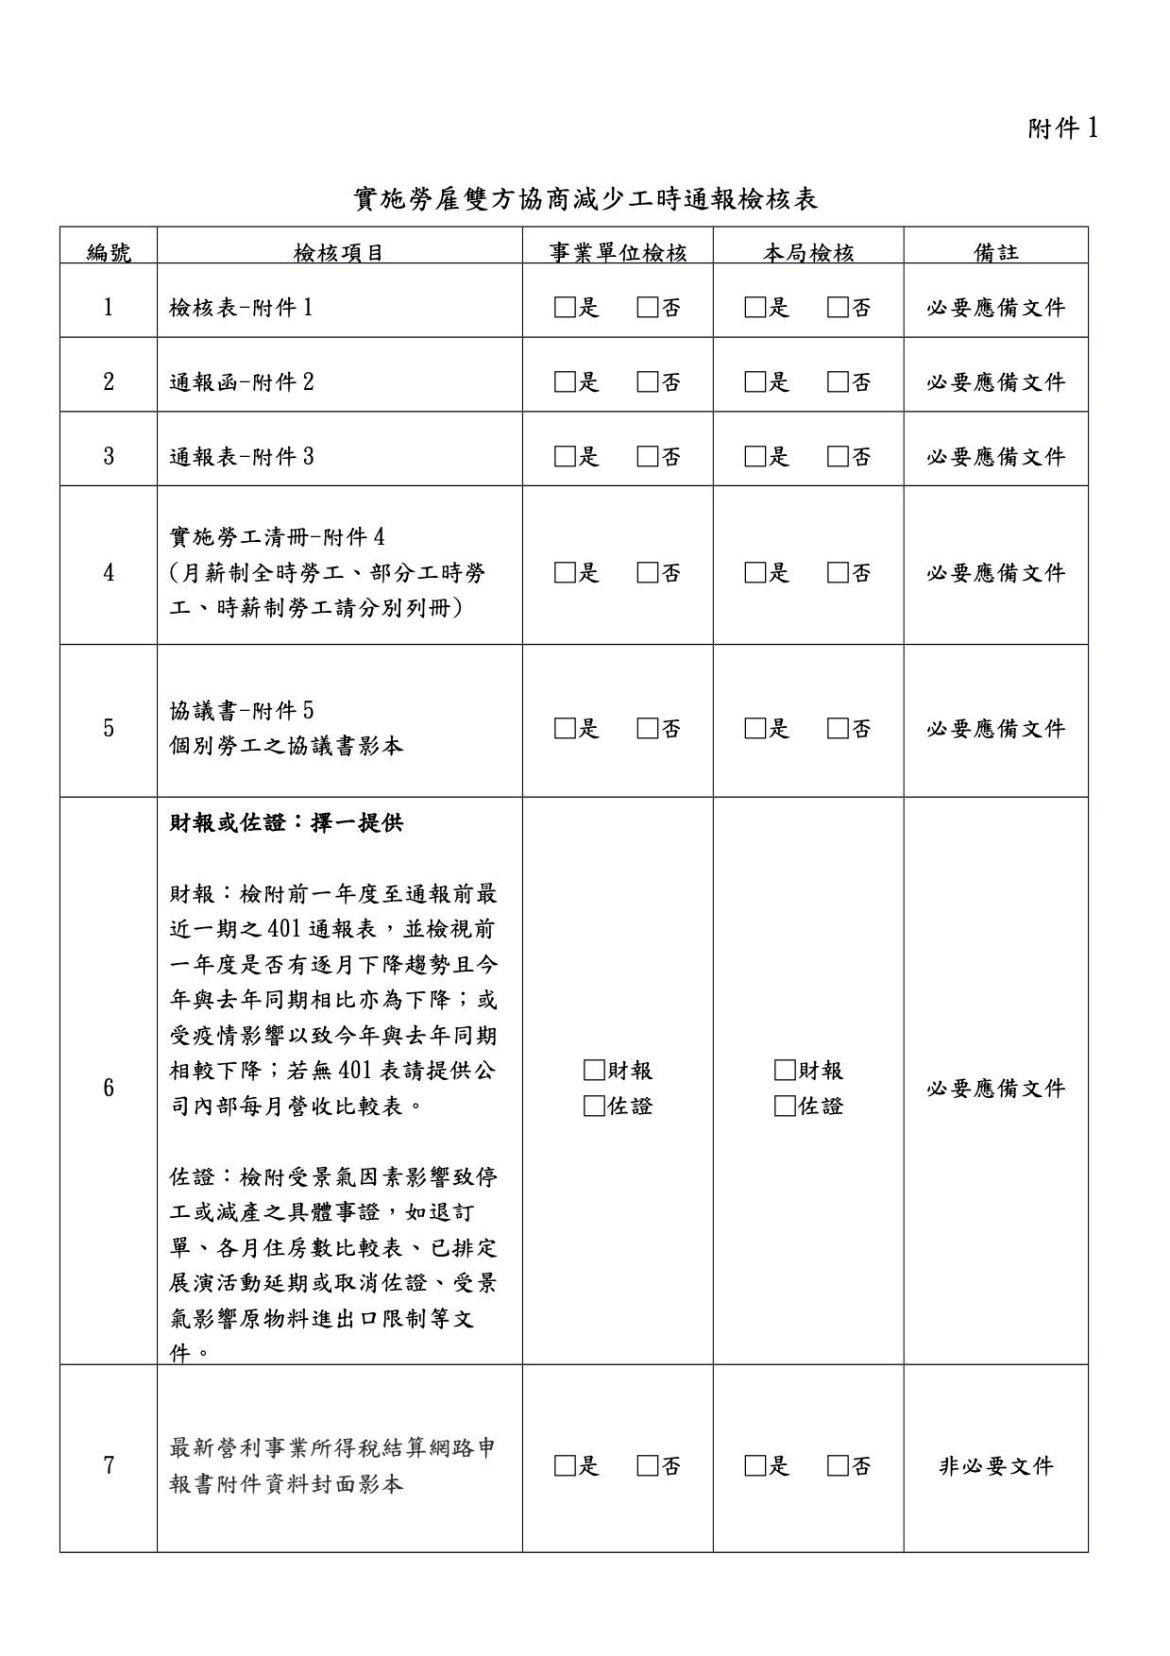 實施勞雇雙方協商減少工時通報檢核表(臺北市政府勞動局)